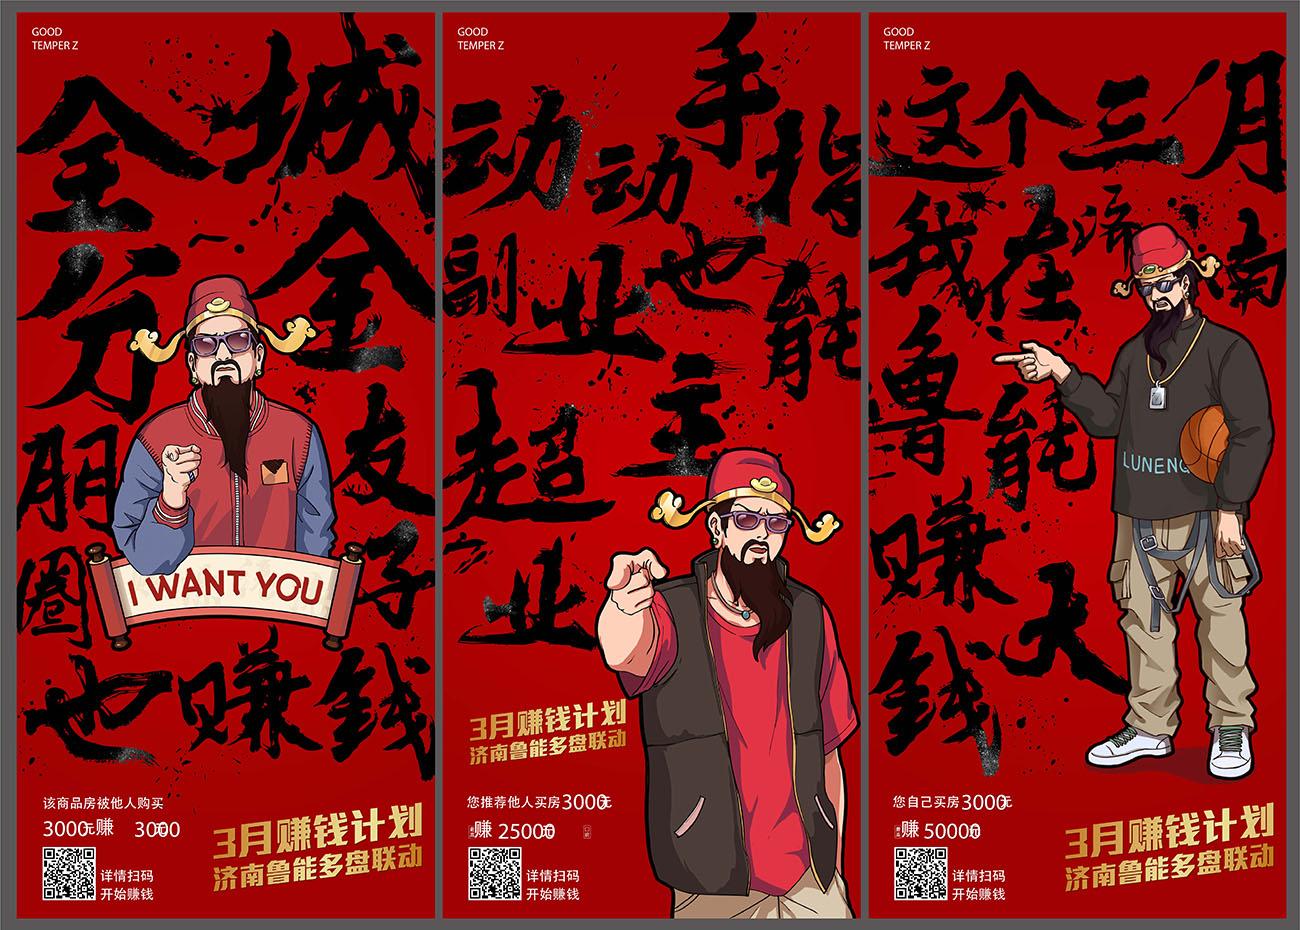 房地产卡通插画红色财神海报AI源文件插图